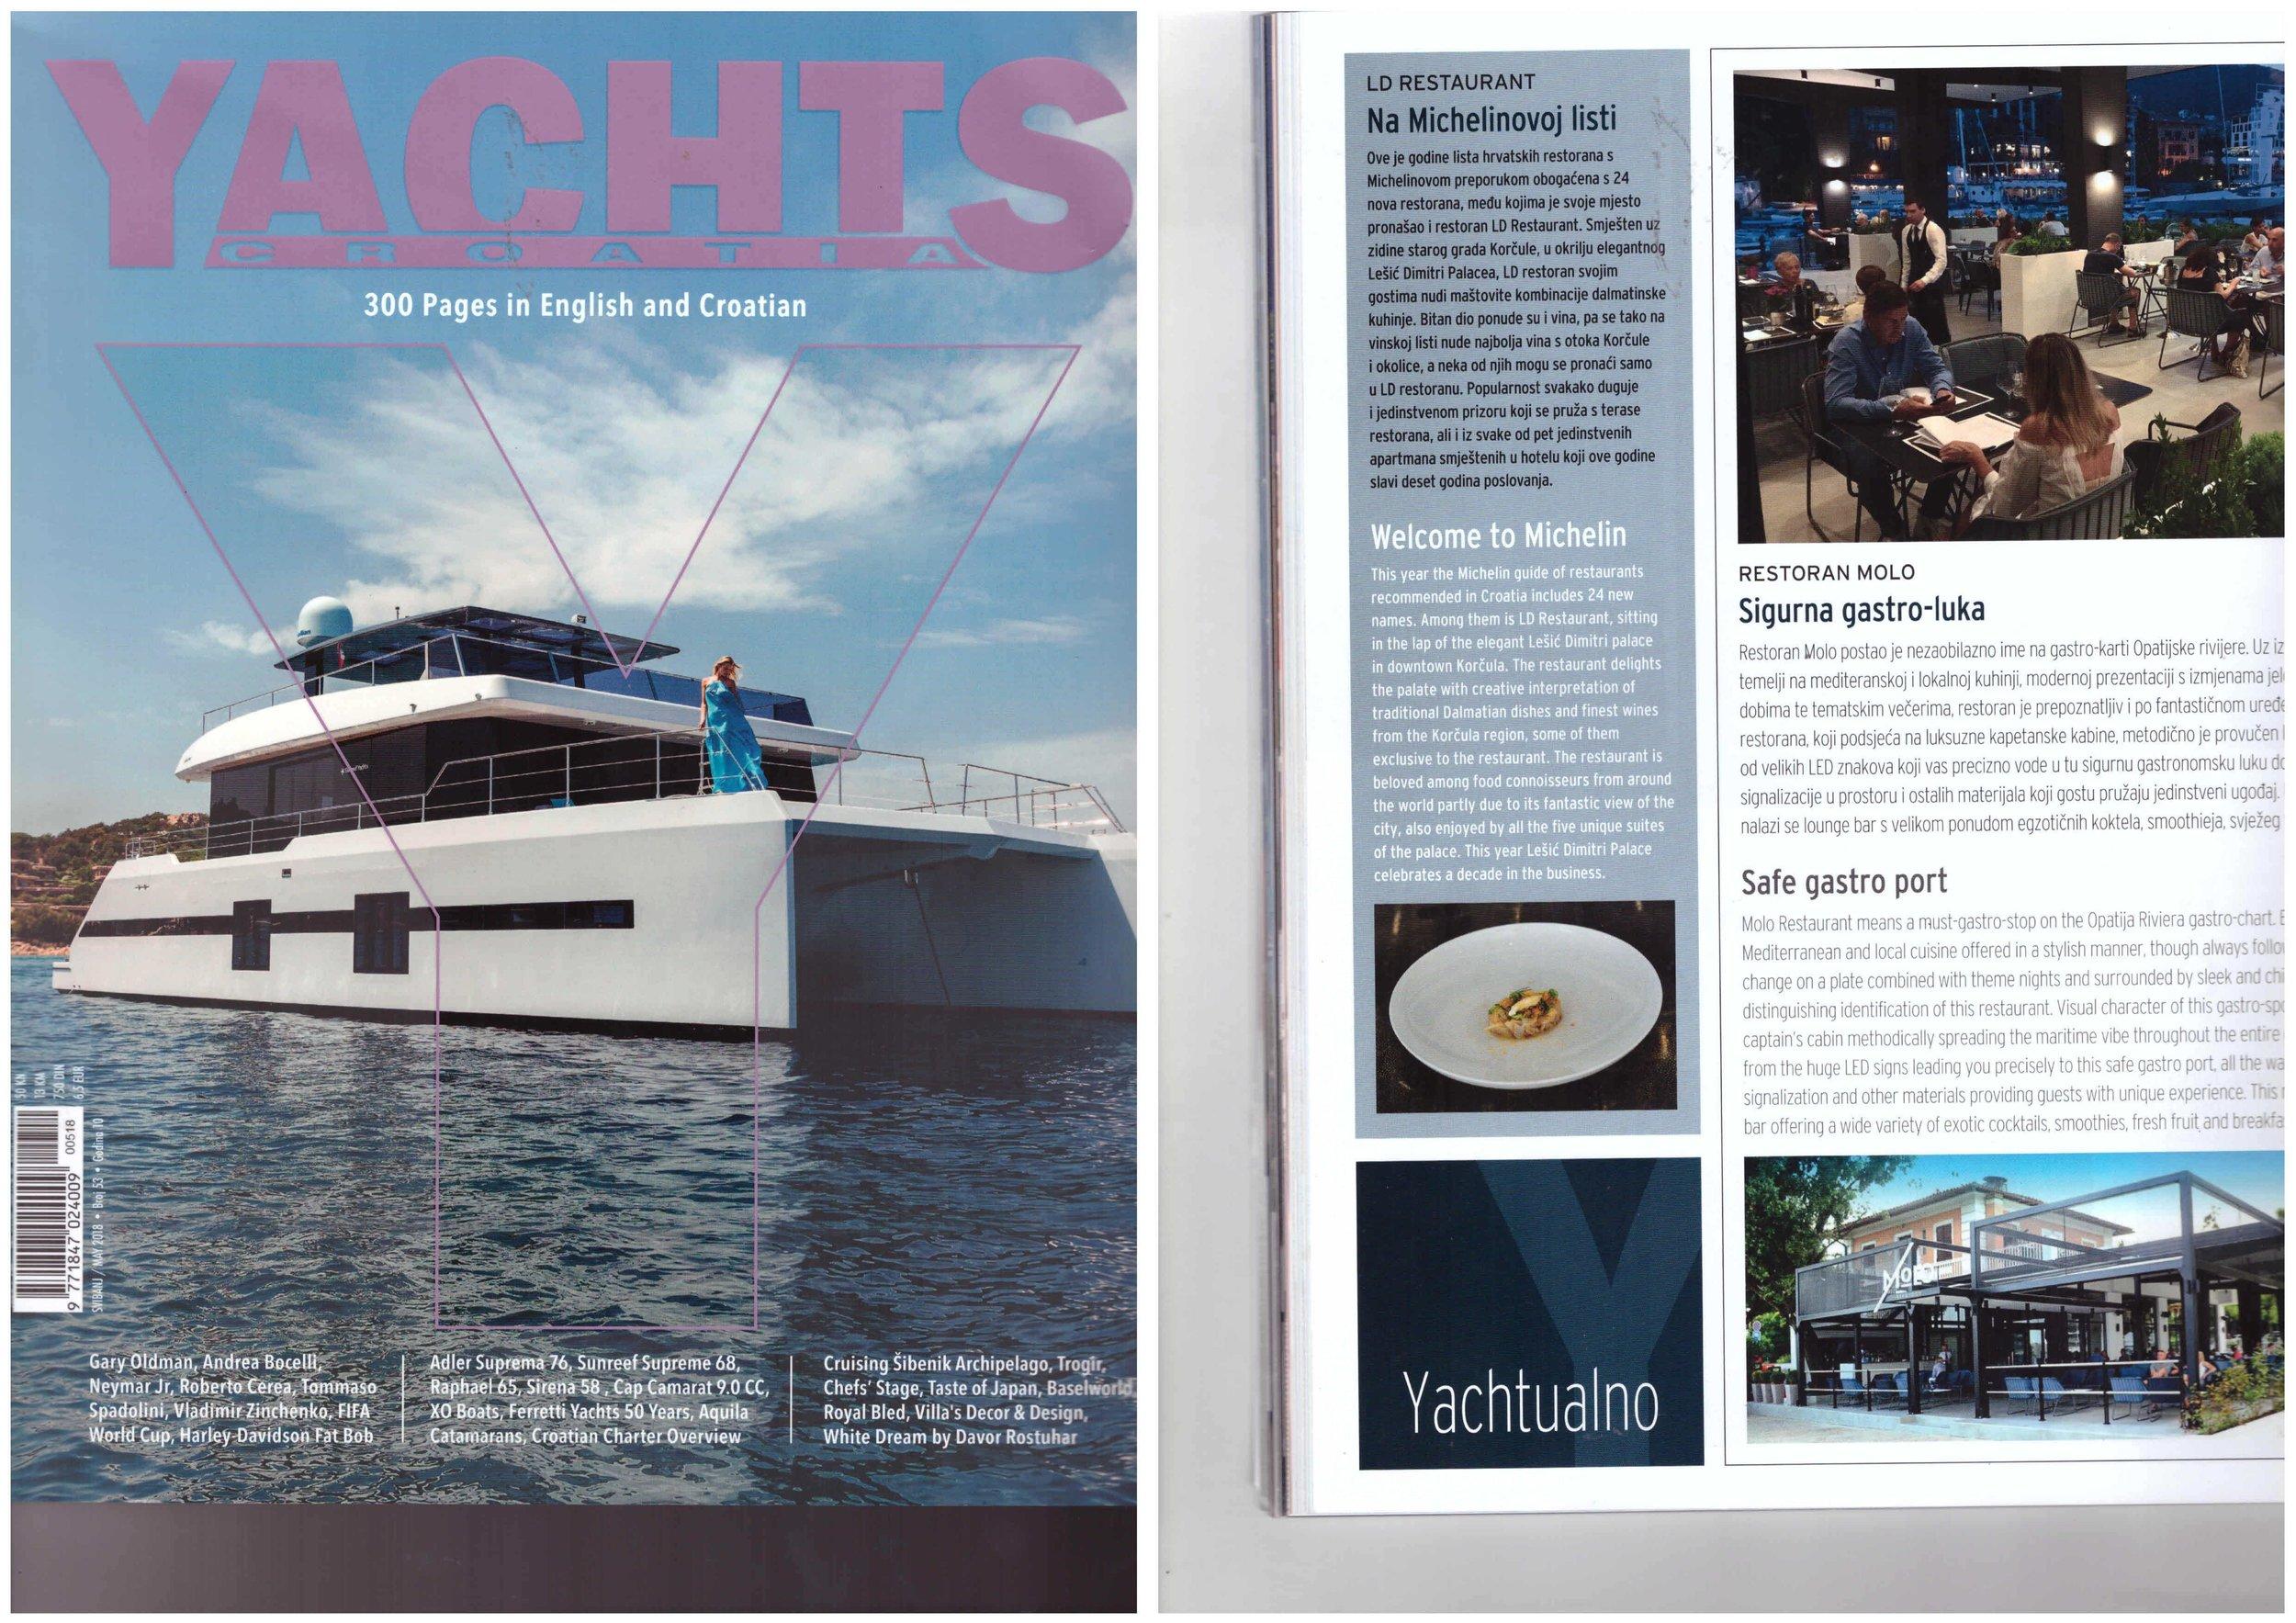 Yachts1_2018.jpg